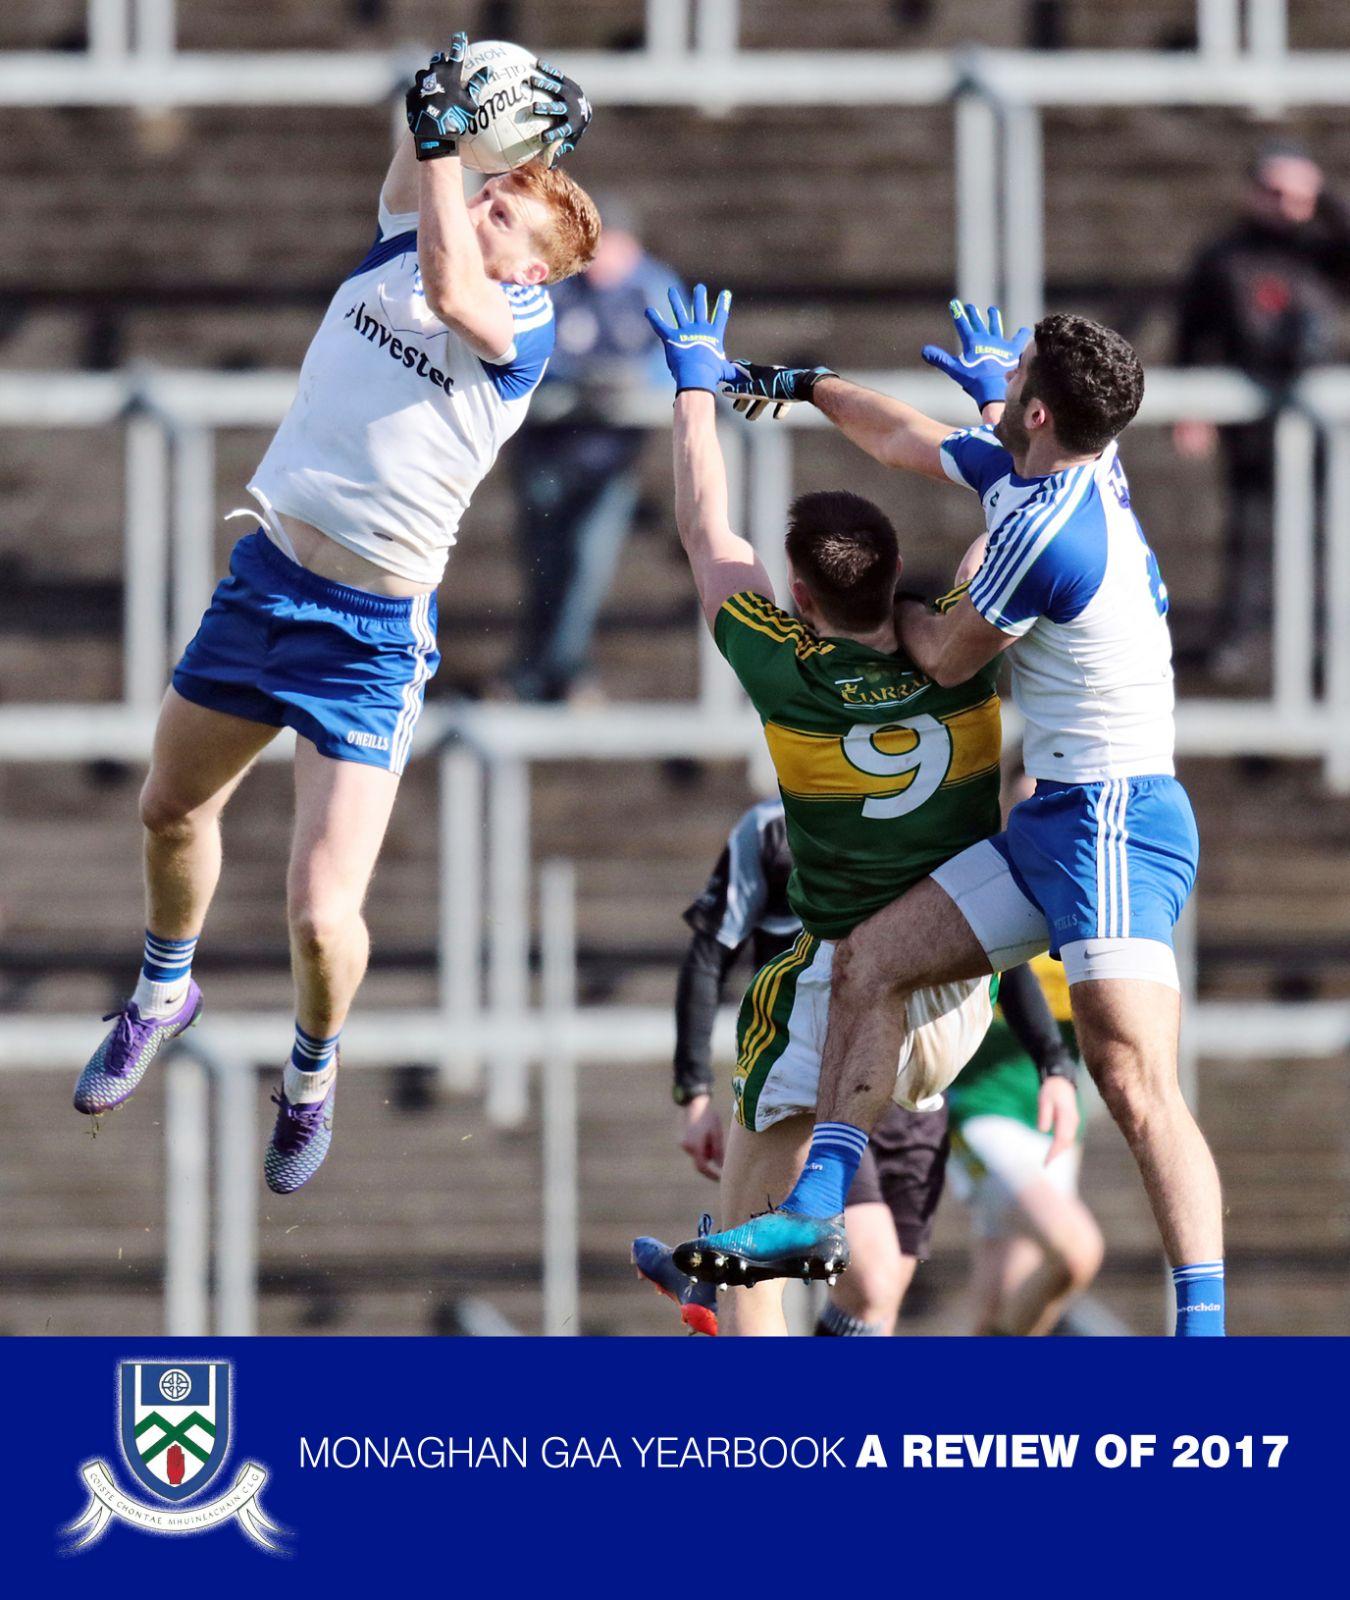 Monaghan GAA Yearbook 2017